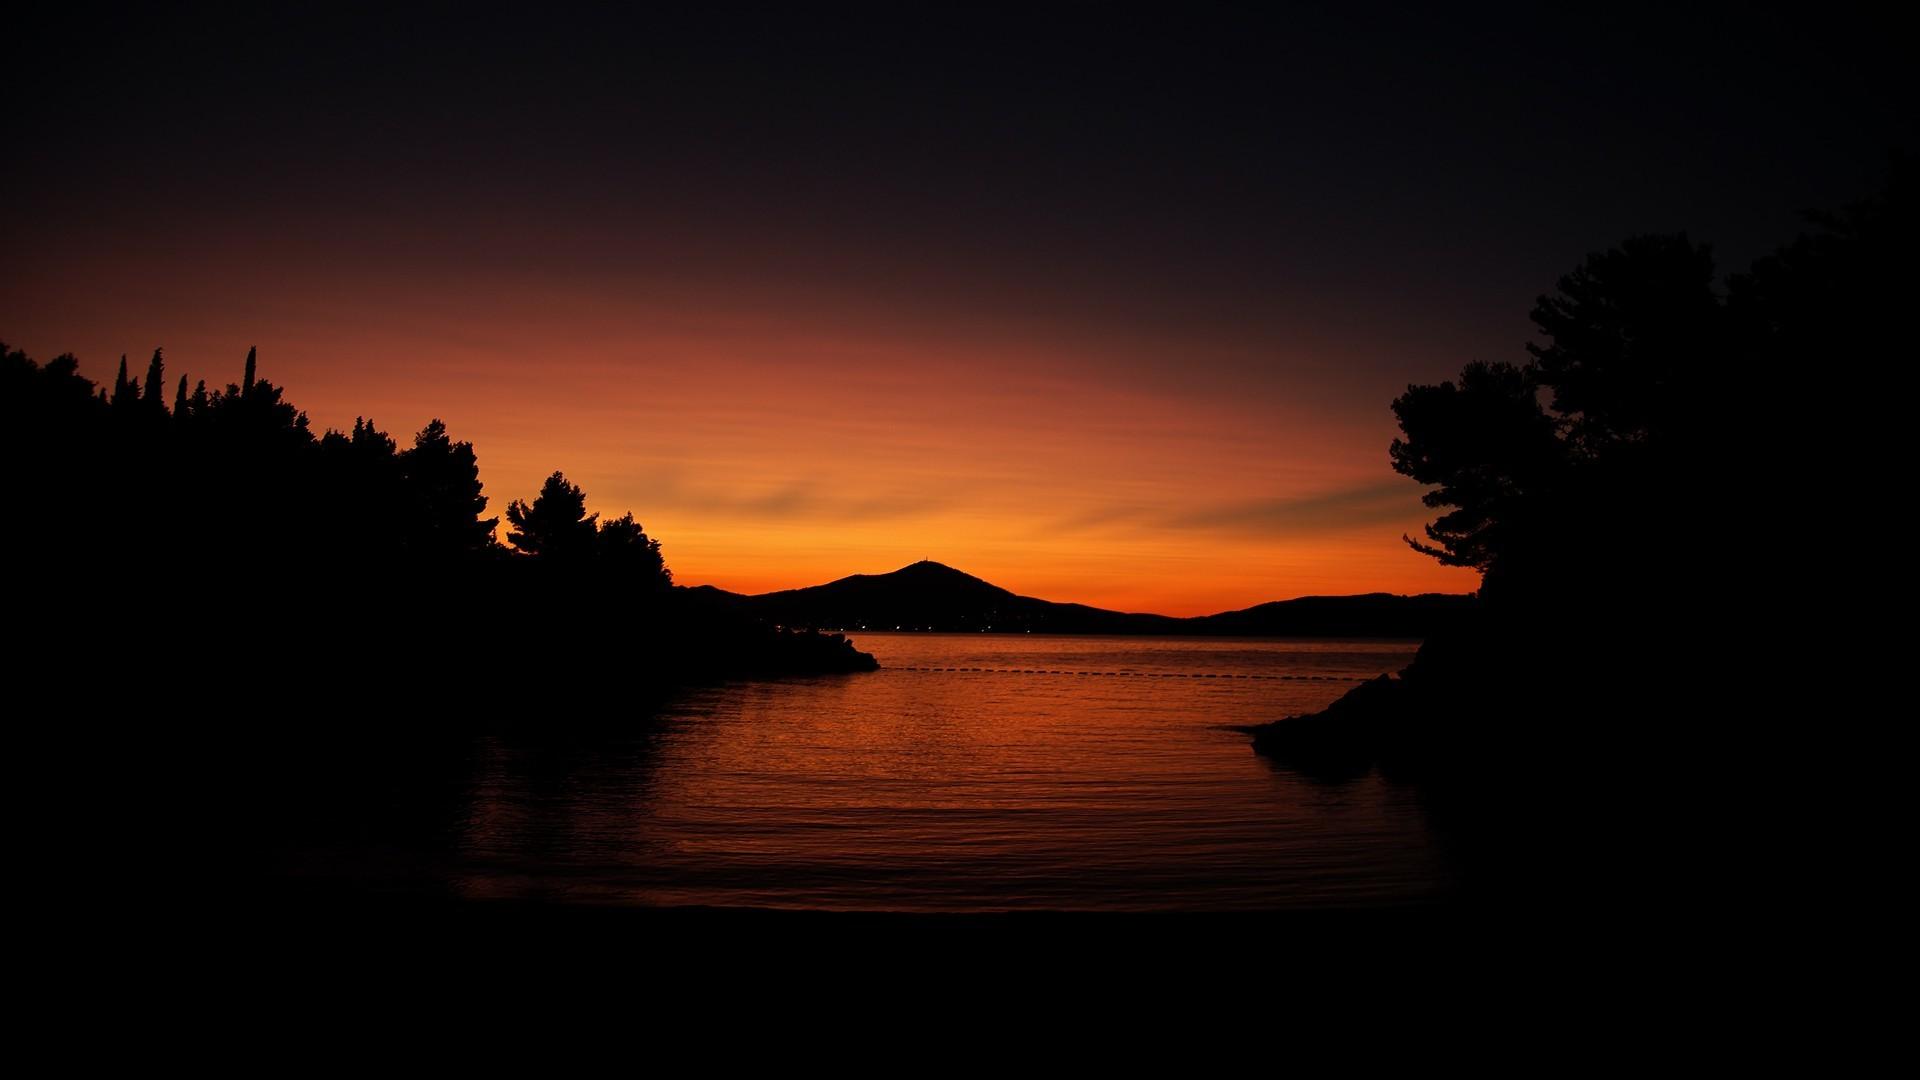 Dark Sunset Wallpaper (68+ images)